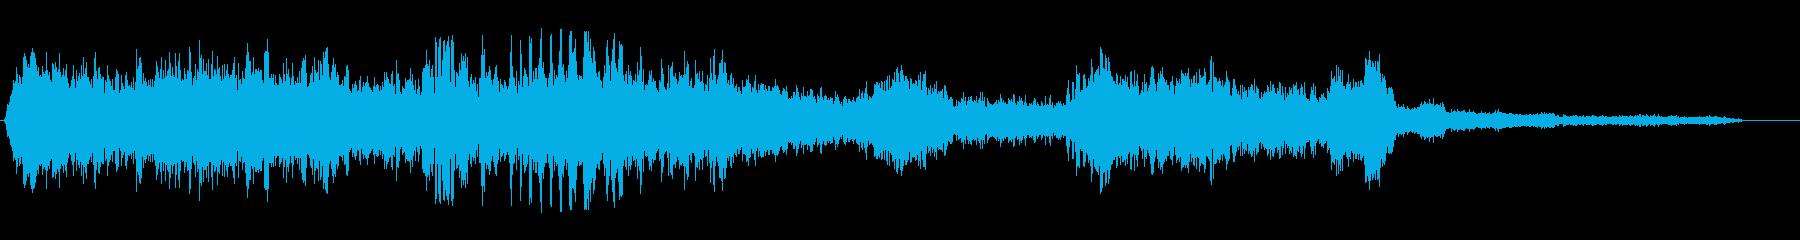 モト-レース-ミッドエンジン-スタ...の再生済みの波形